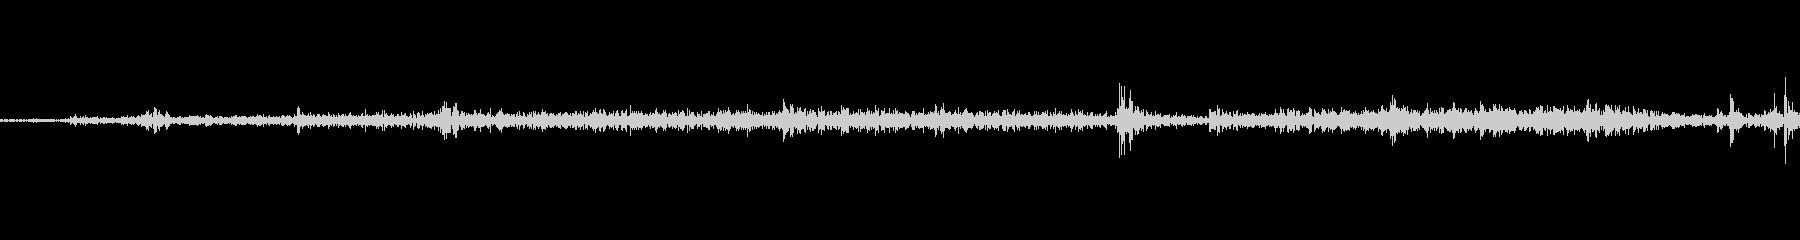 紙をめくる音の未再生の波形